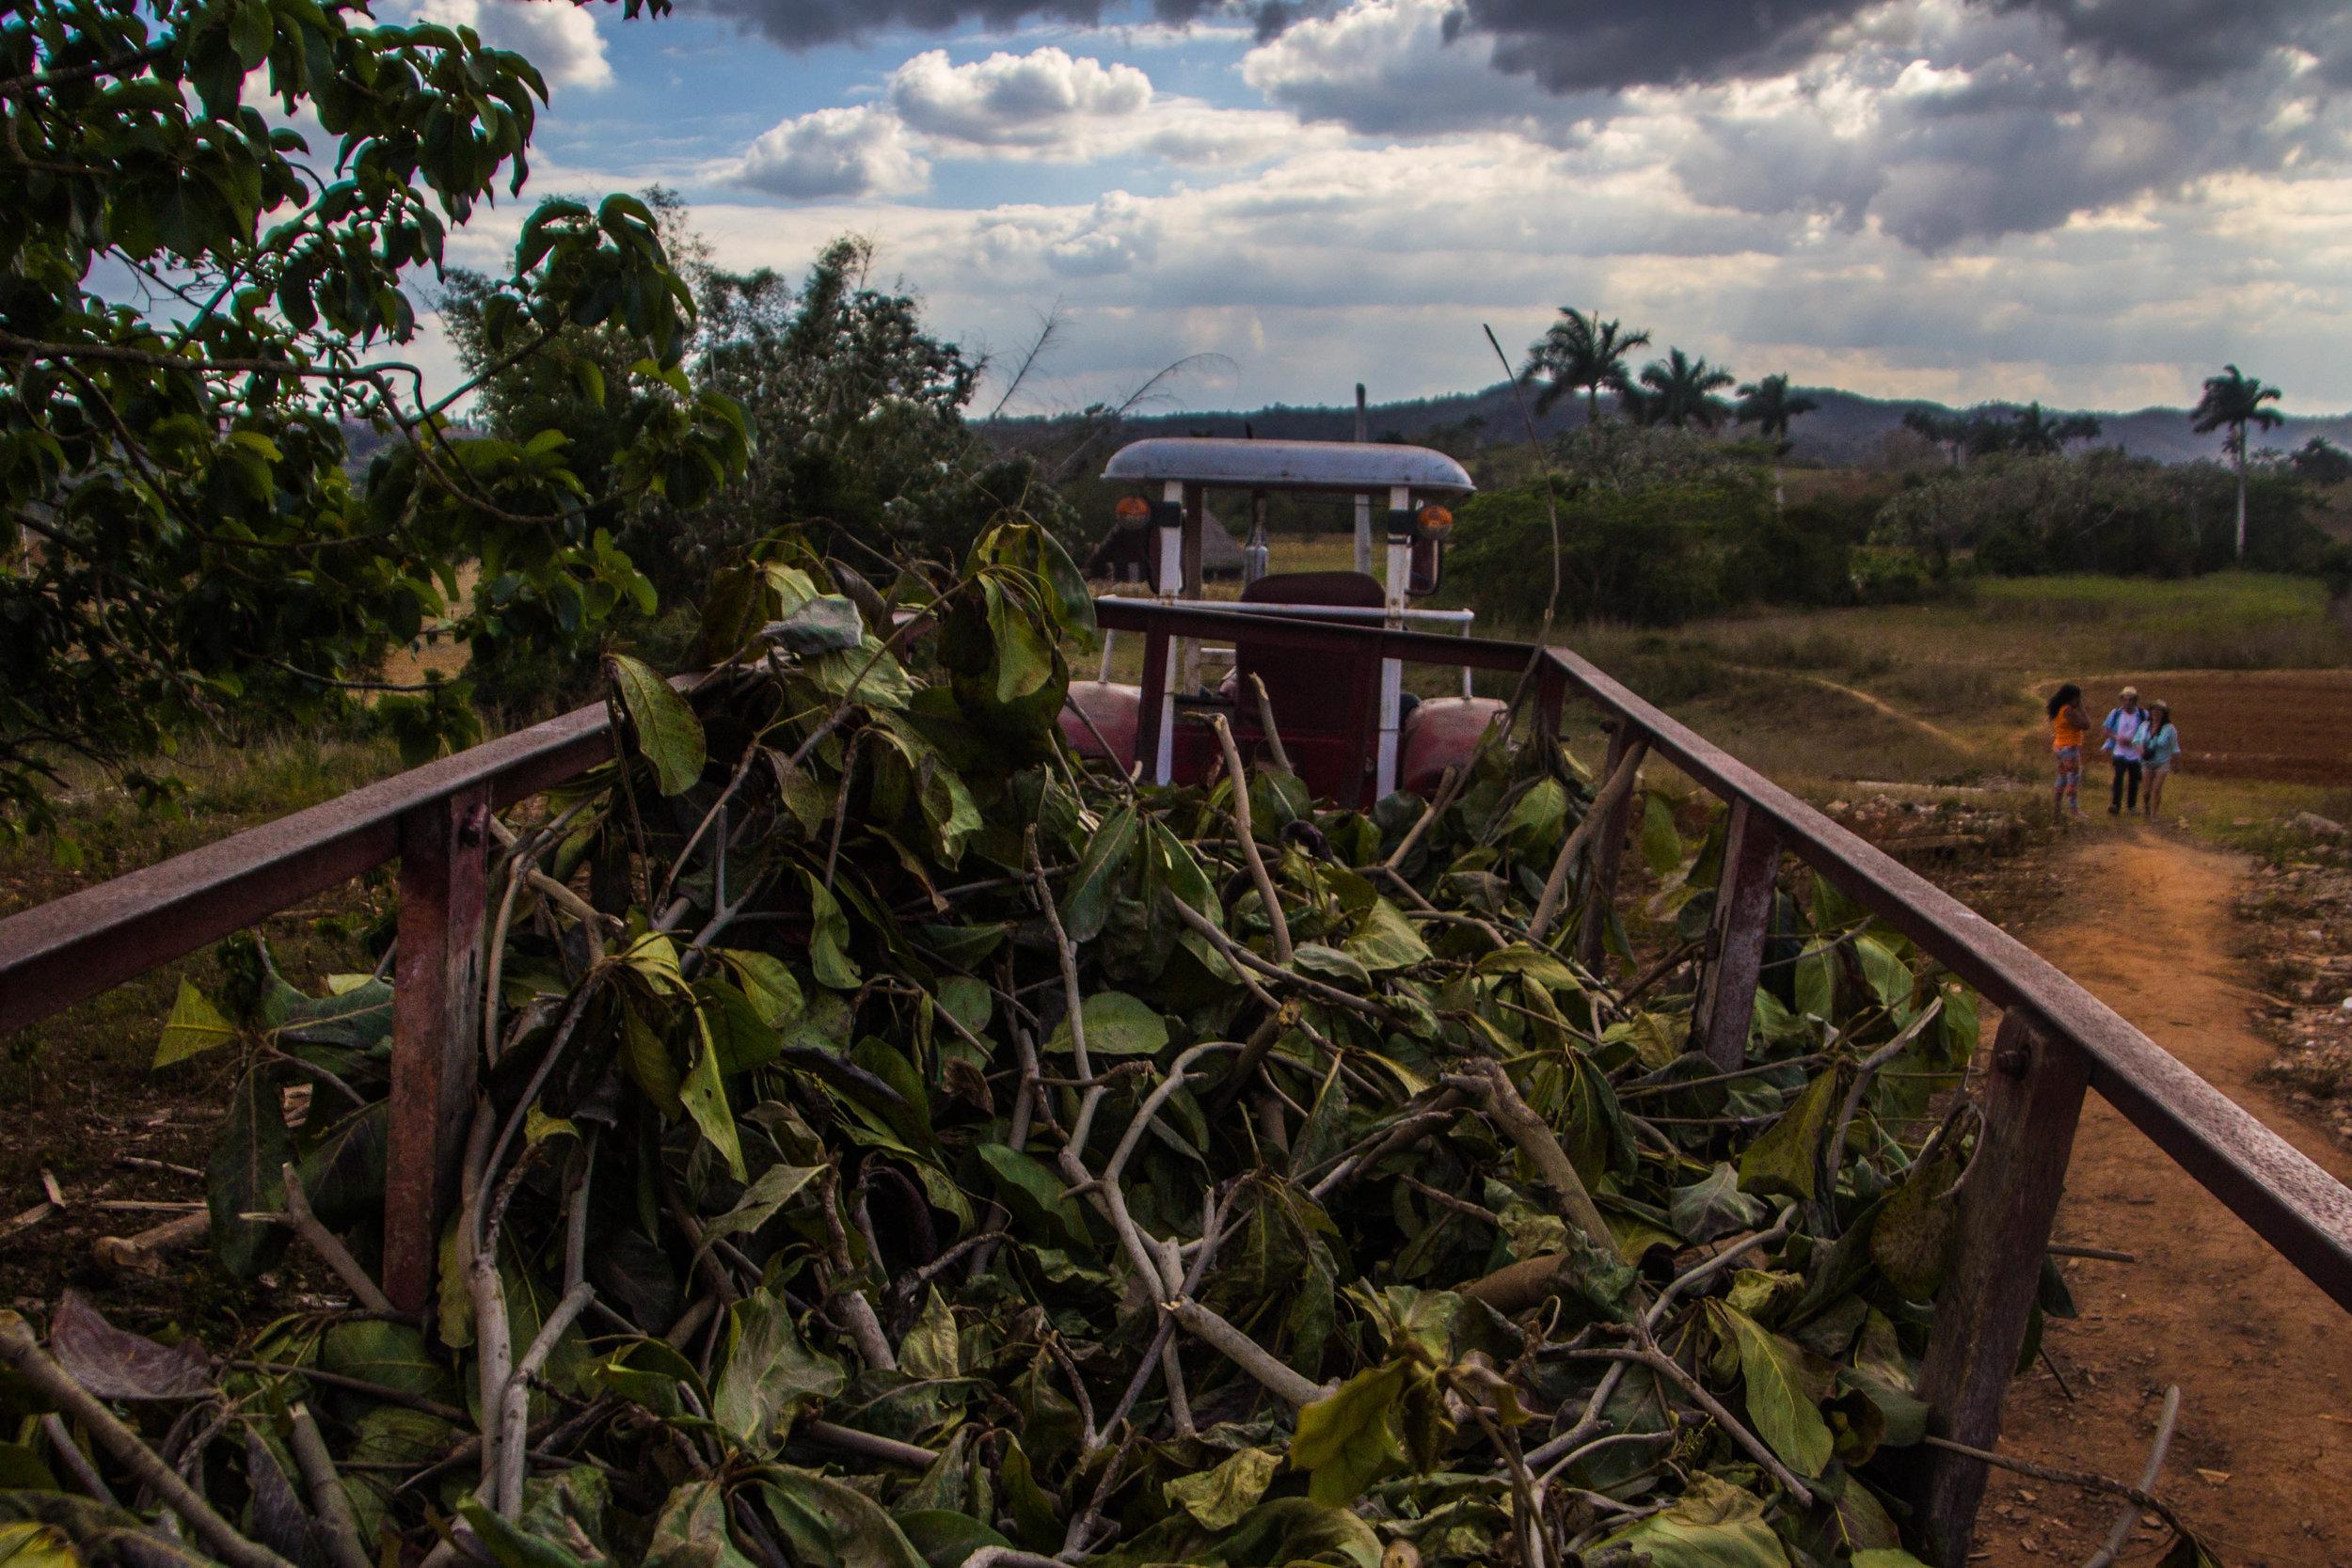 tobacco industrial agriculture viñales cuba-1-2.jpg